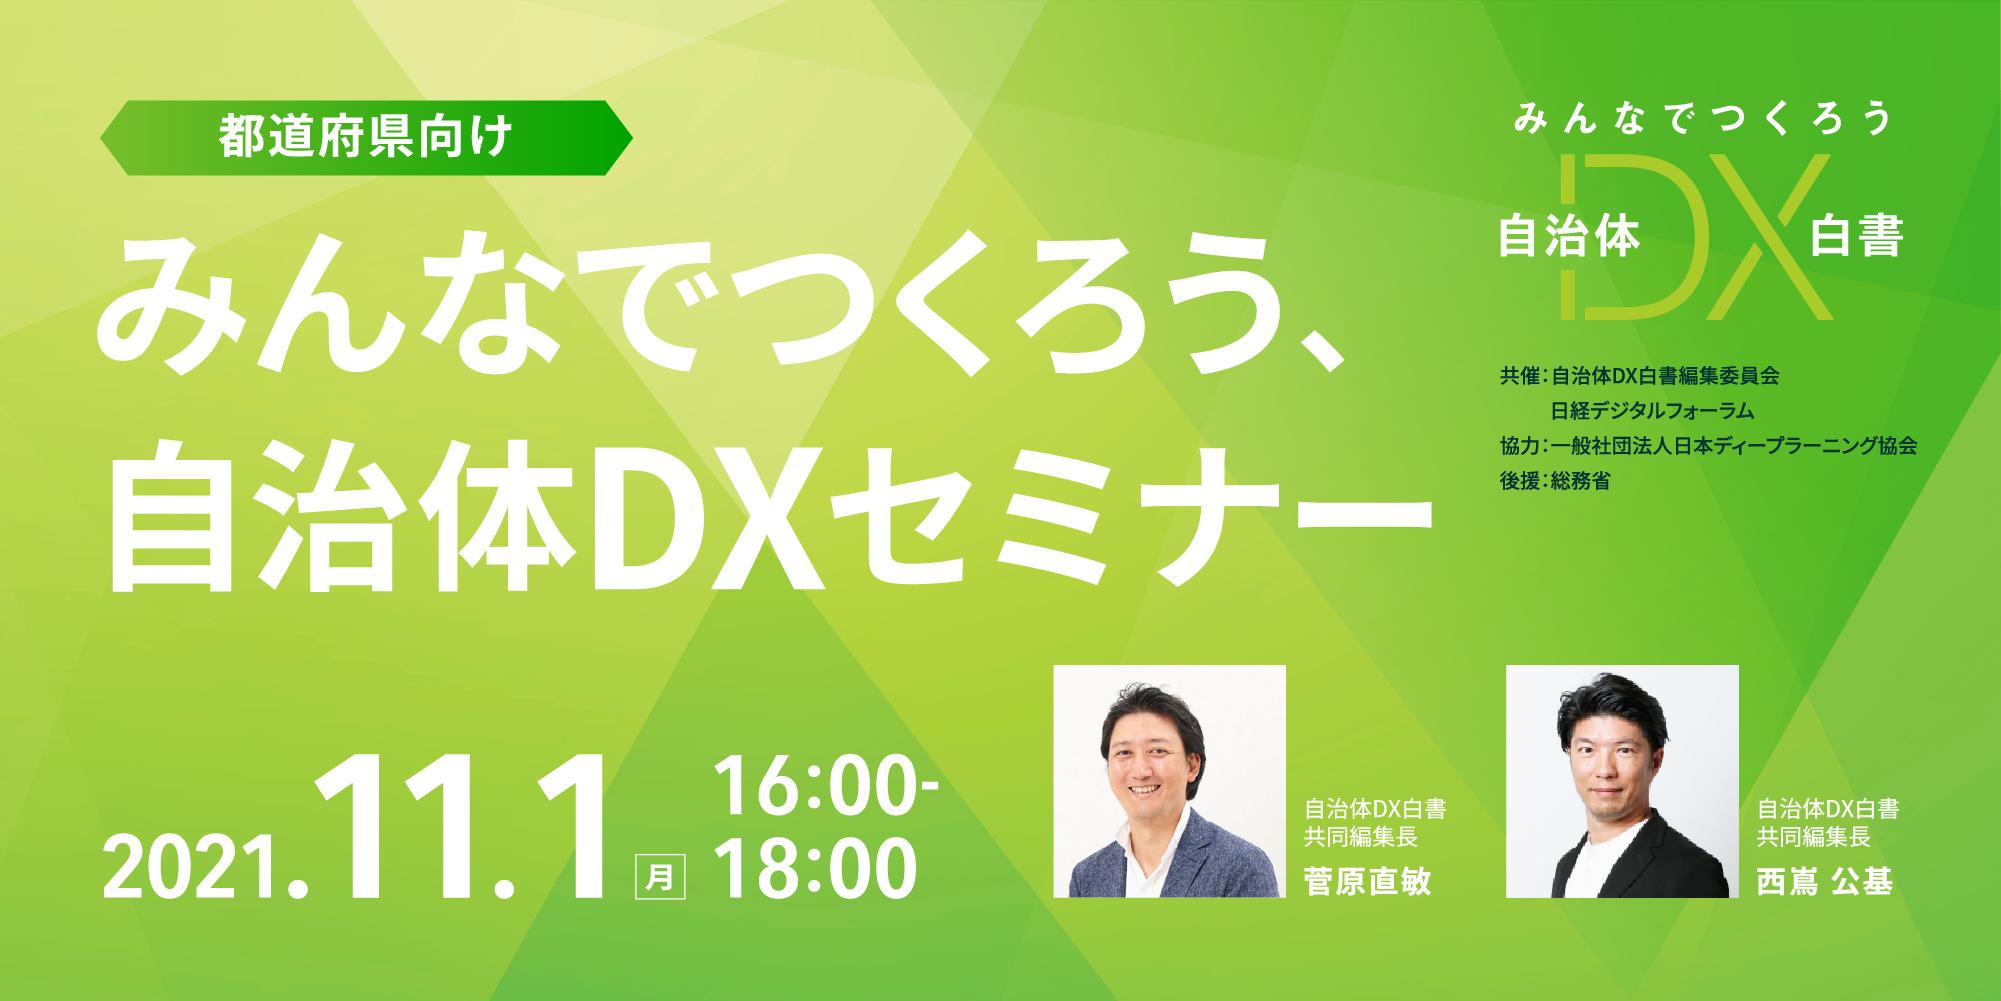 banner_dx_20211101-2